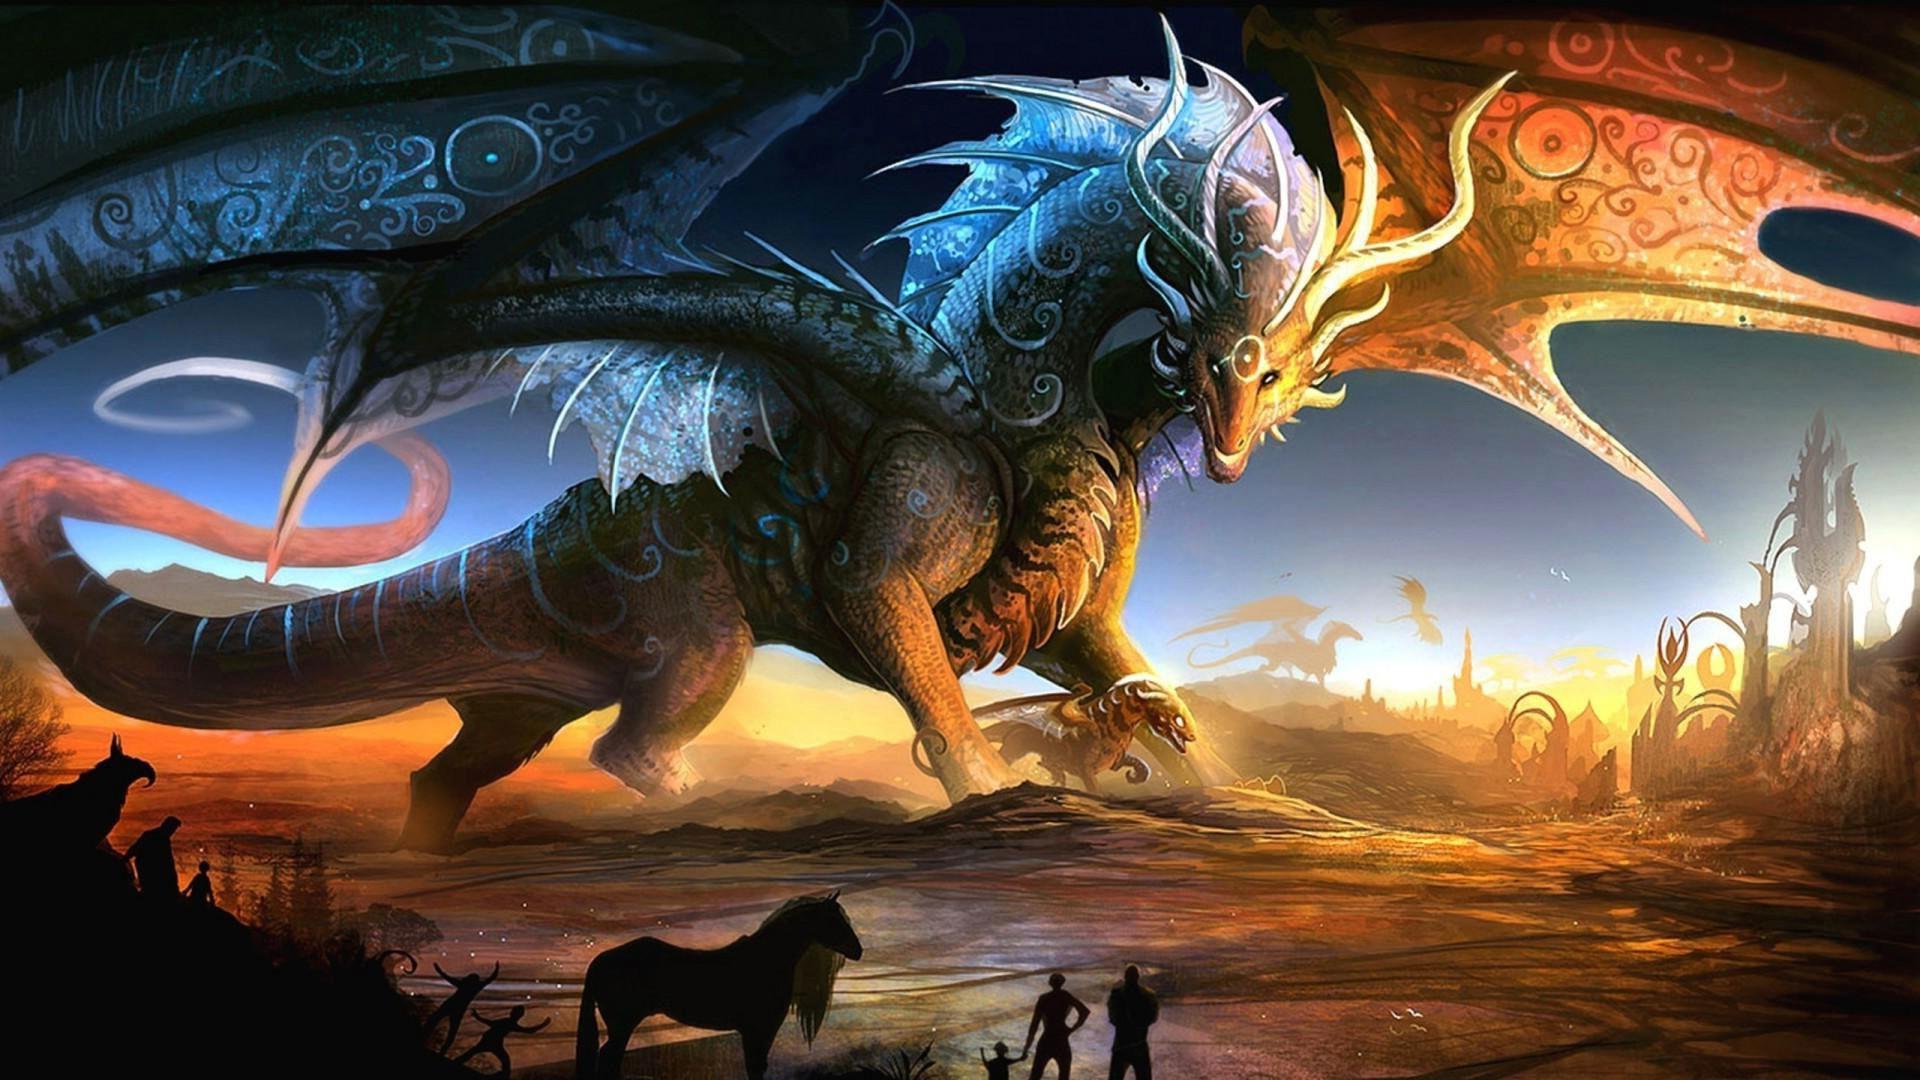 dragon 3d wallpaper 183��